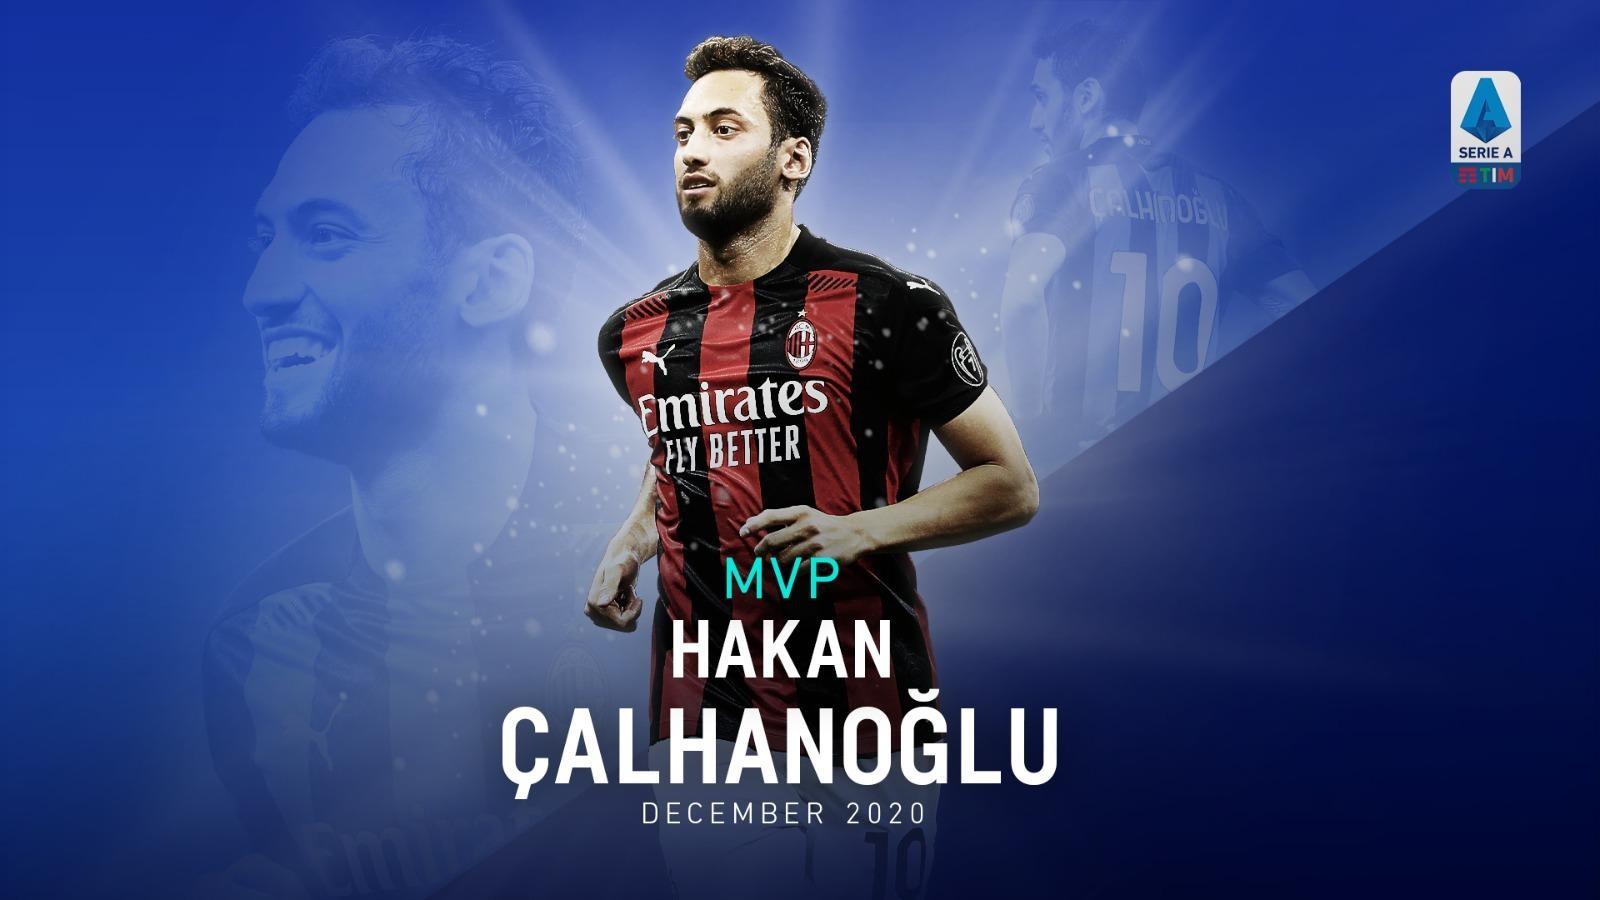 HAKAN CALHANOGLU MVP OF DECEMBER